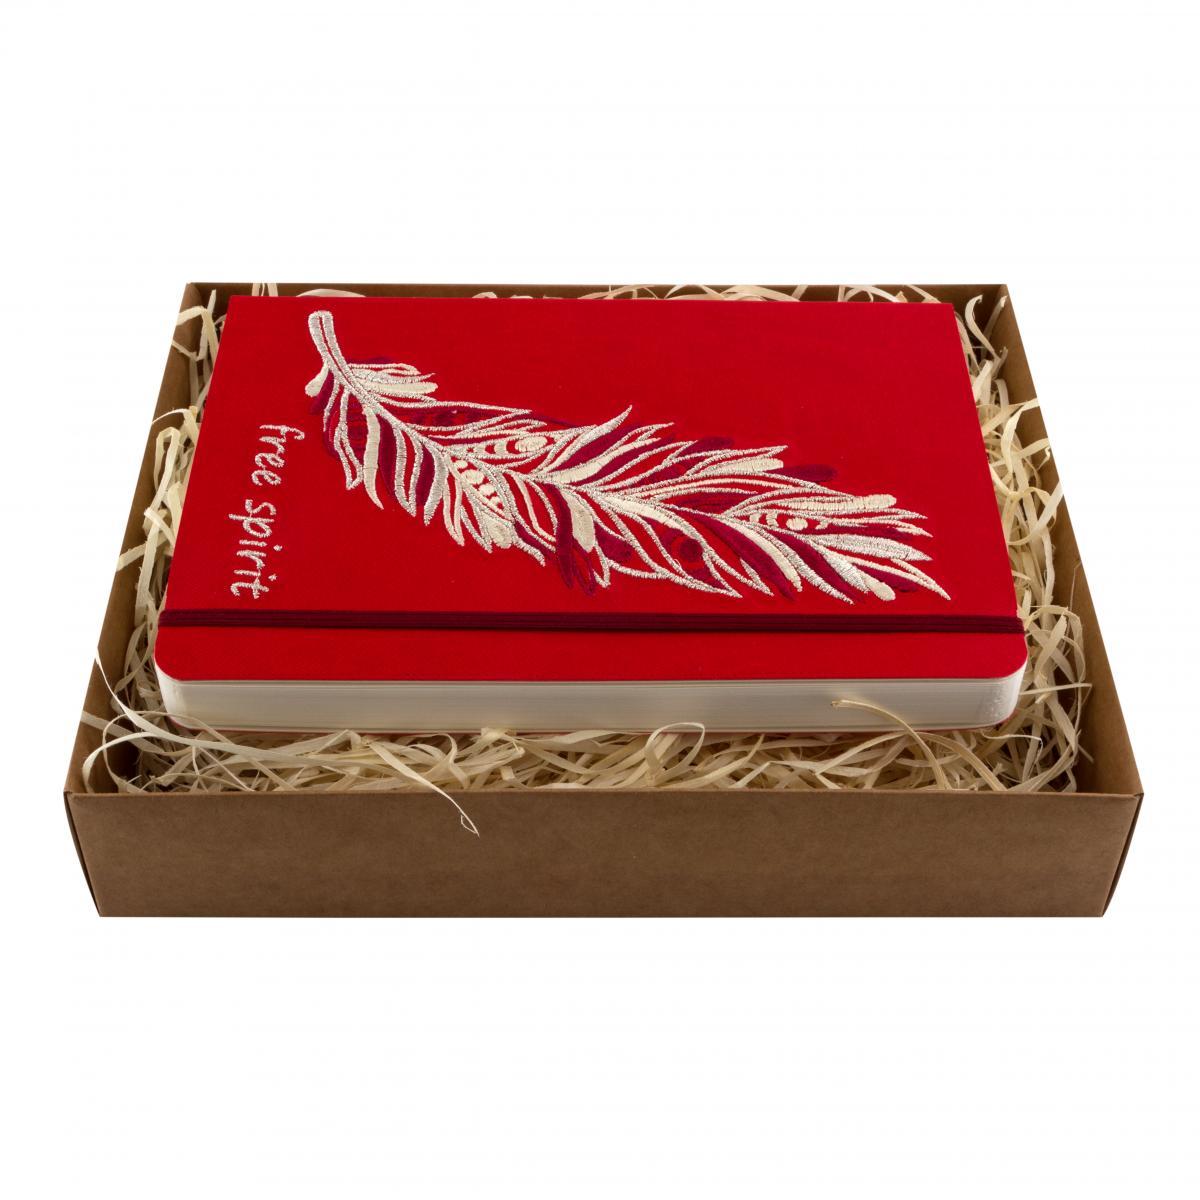 Блокнот из эко-кожи с вышитой пером Free spirit, красный. Фото №1. | Народный дом Украина